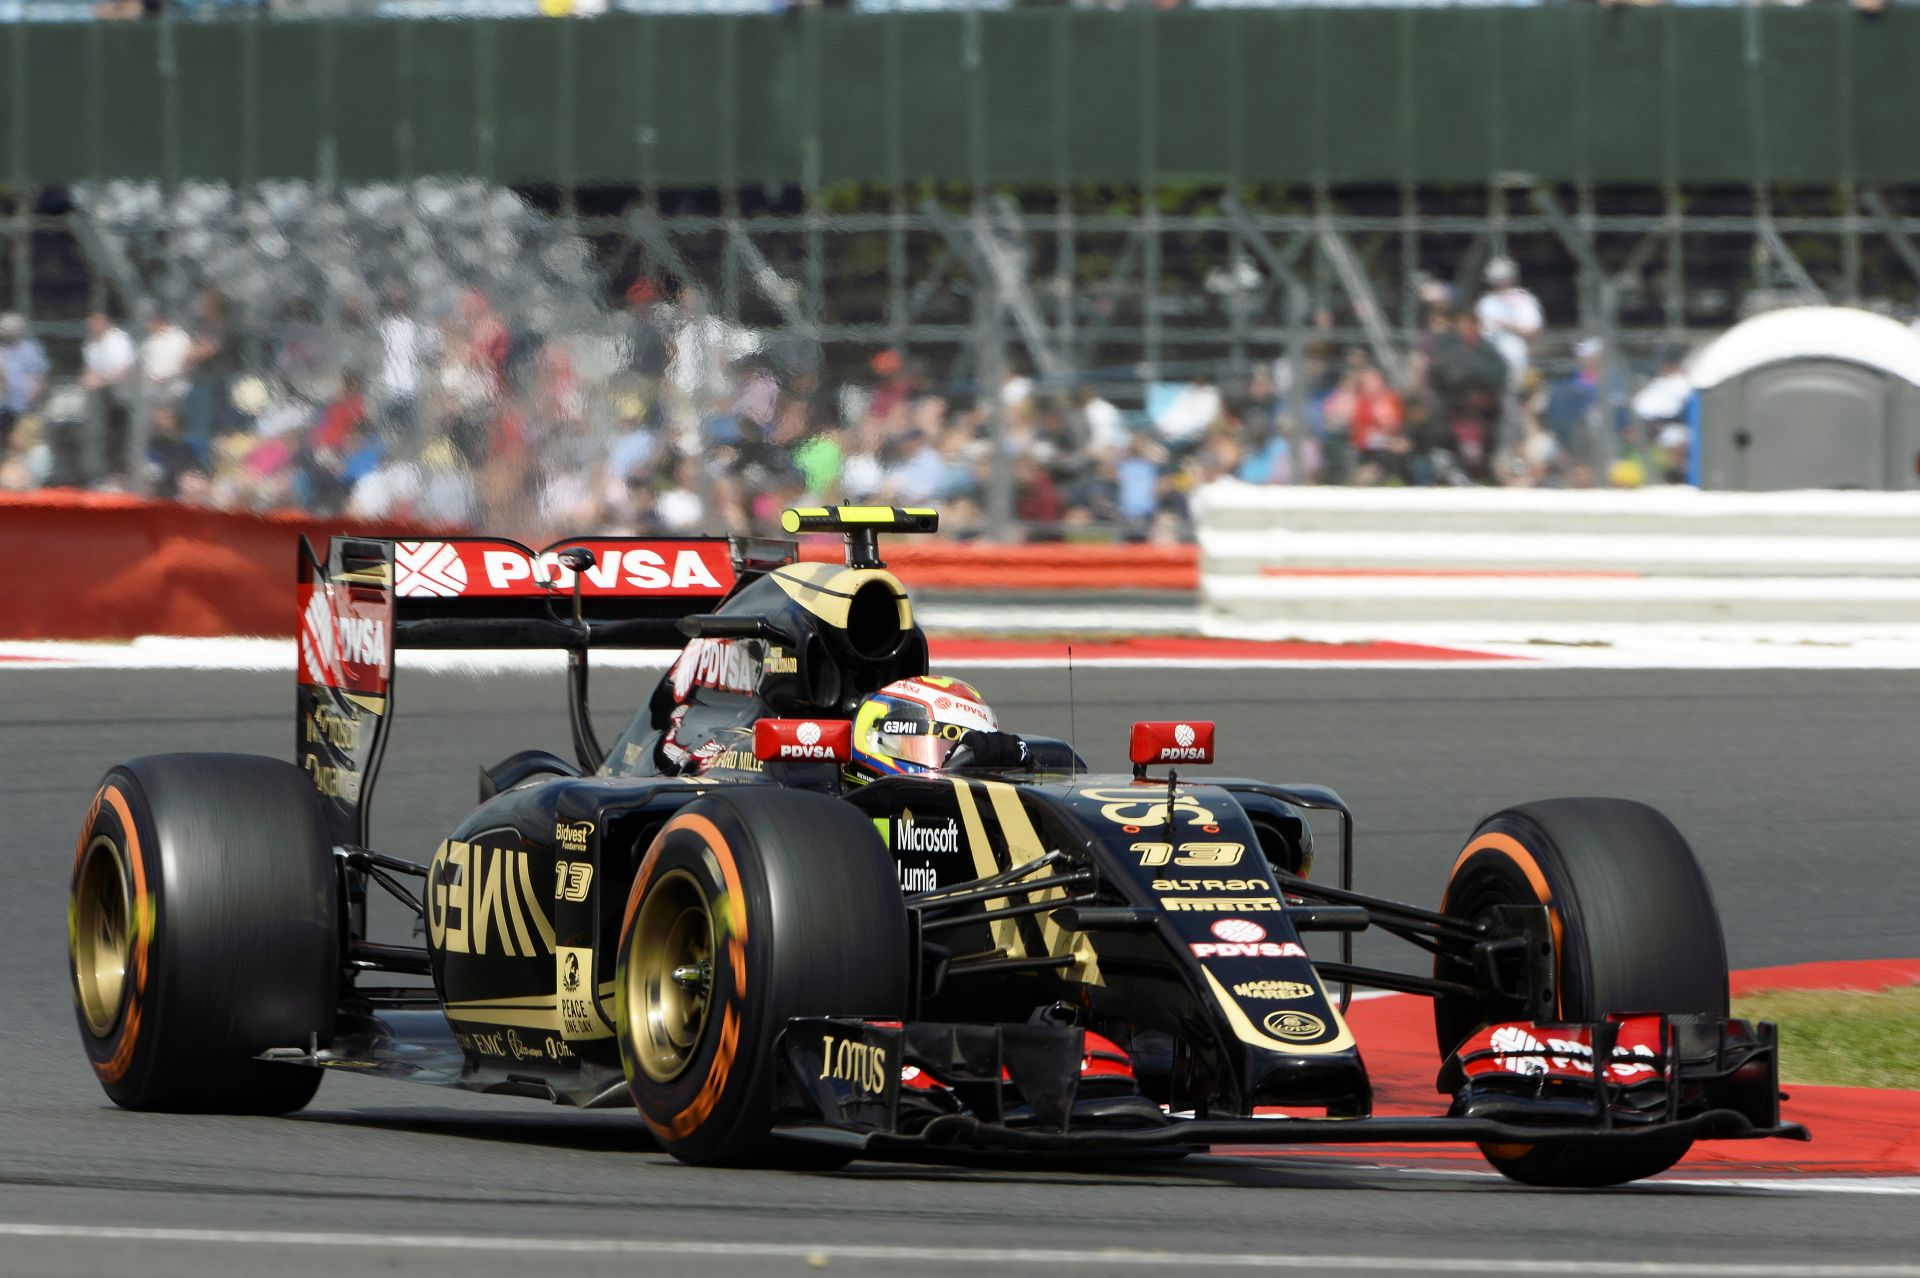 """Lotus-Renault: Már csak a pont hiányzik az """"i""""-re, azaz Maldonado szponzorának pénze..."""